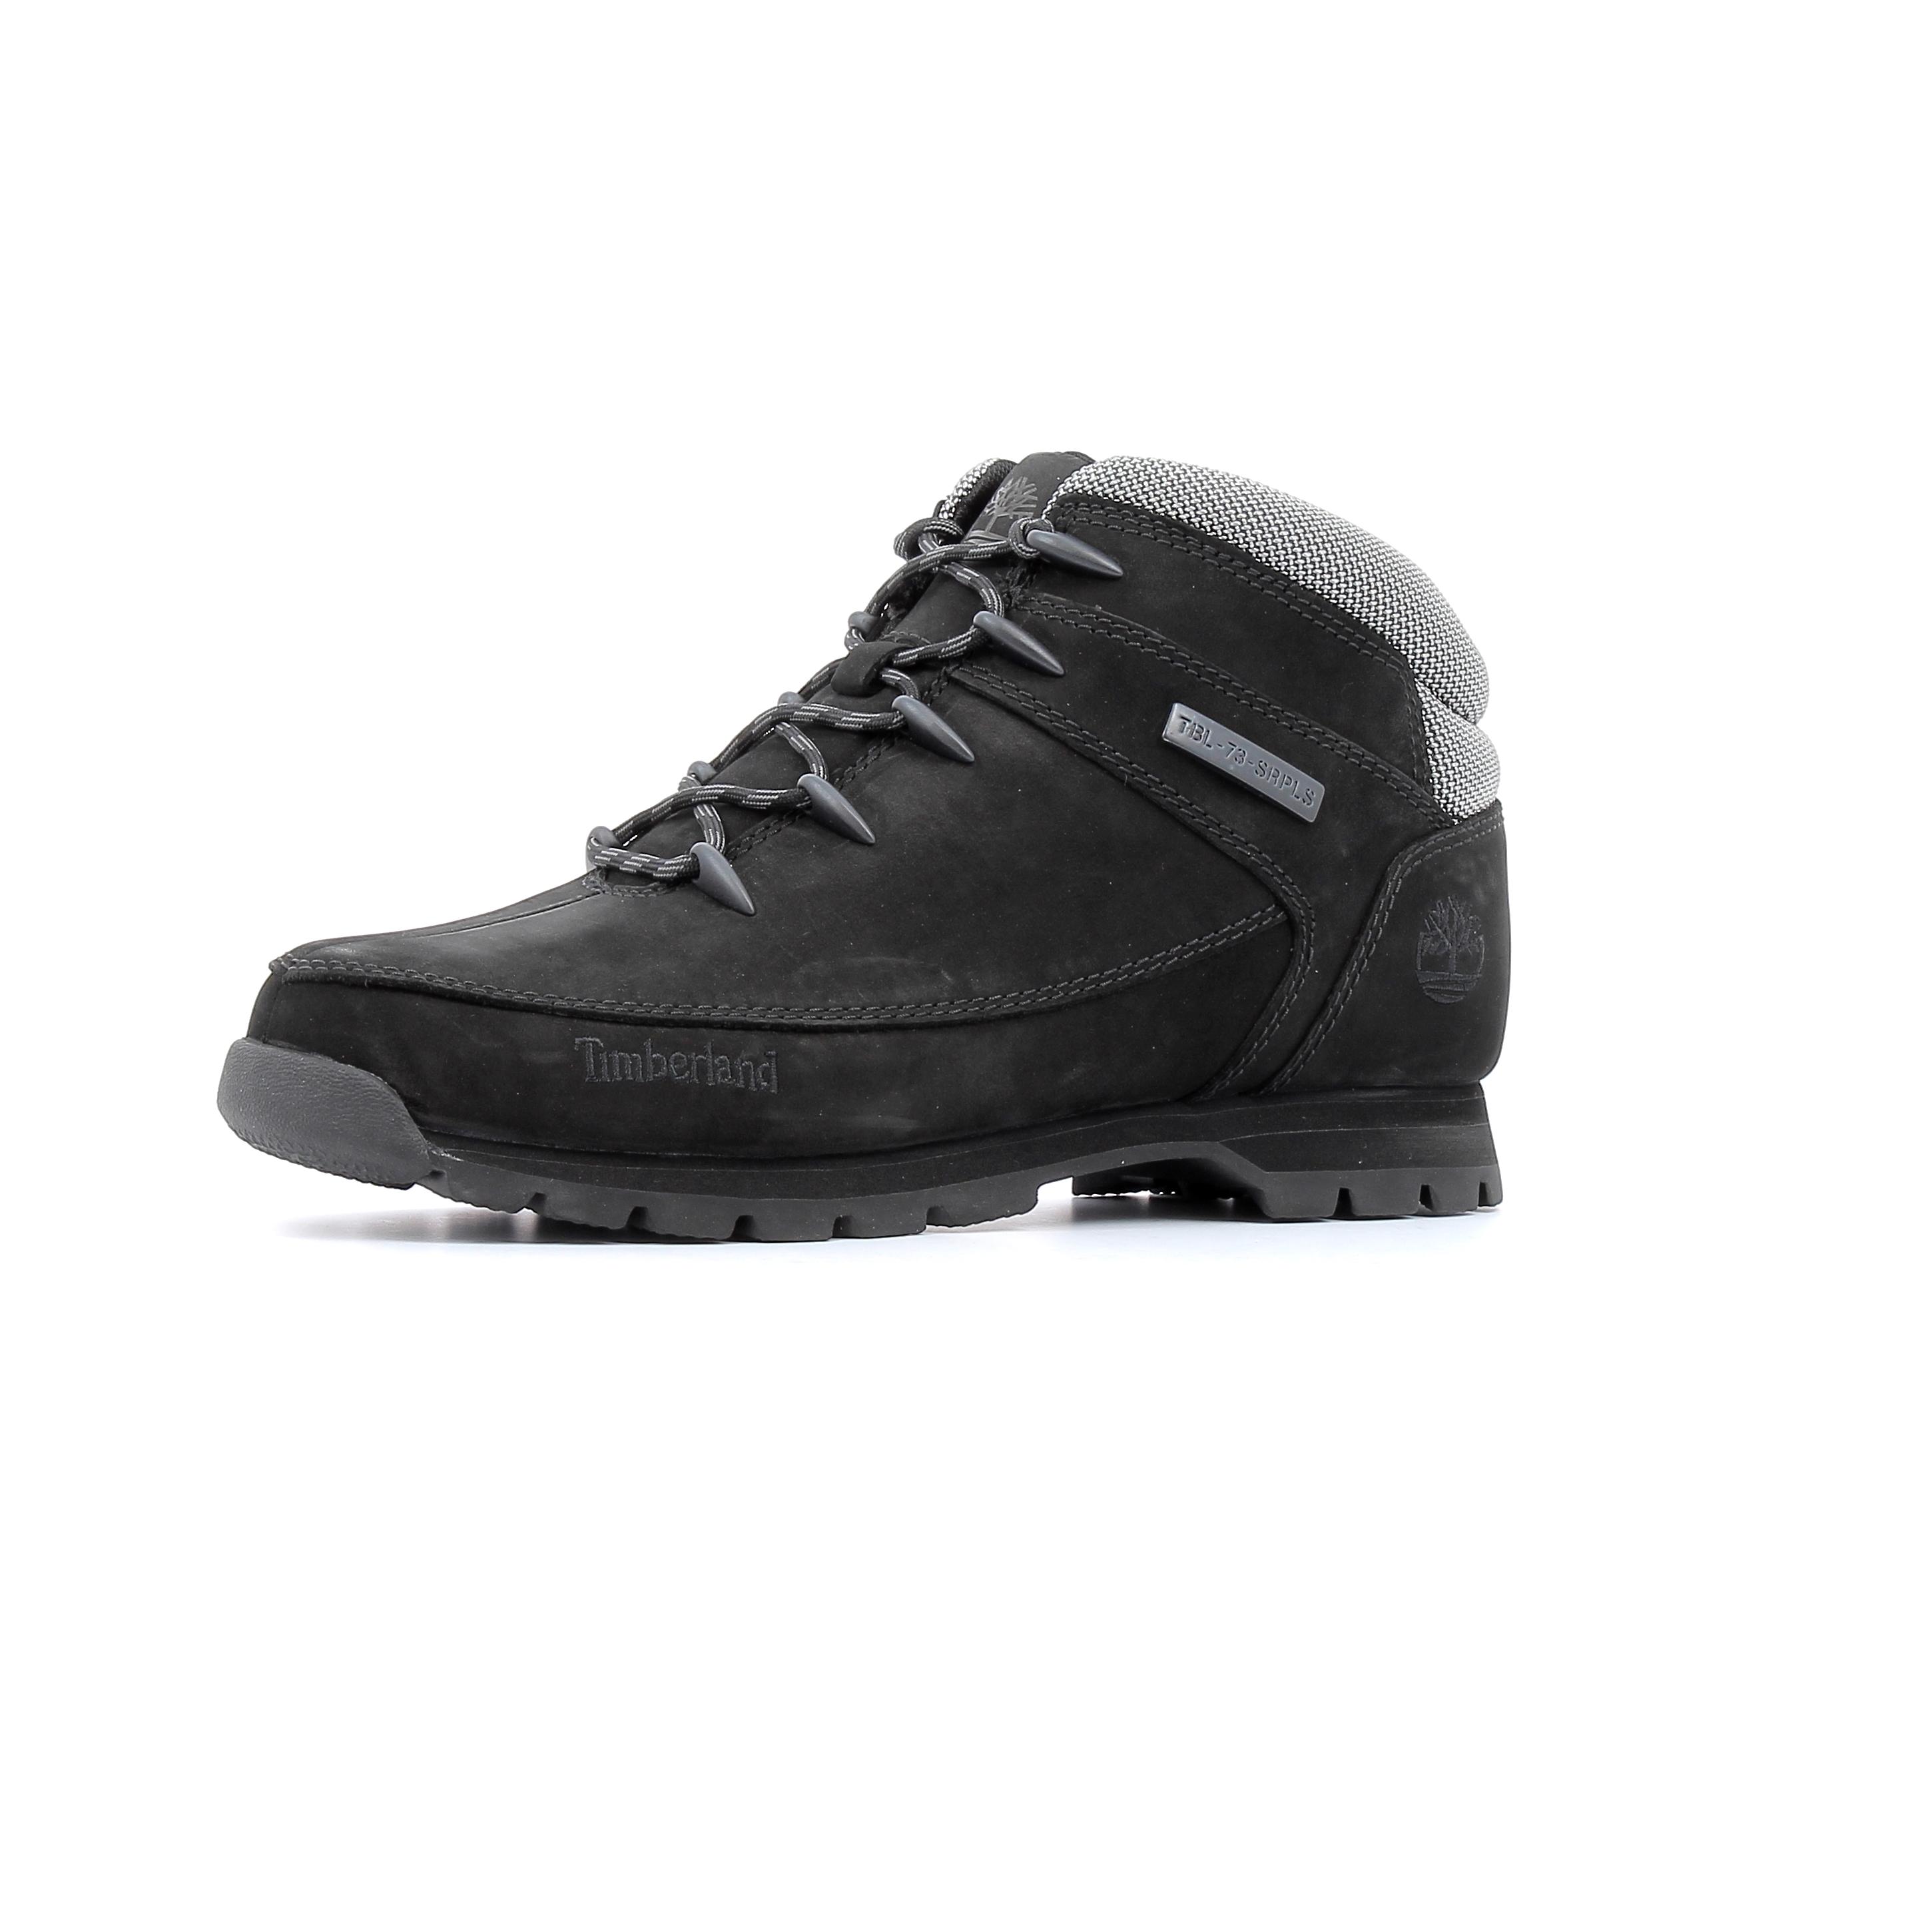 Chaussures de randonnée enfant Timberland Euro Sprint Hiker